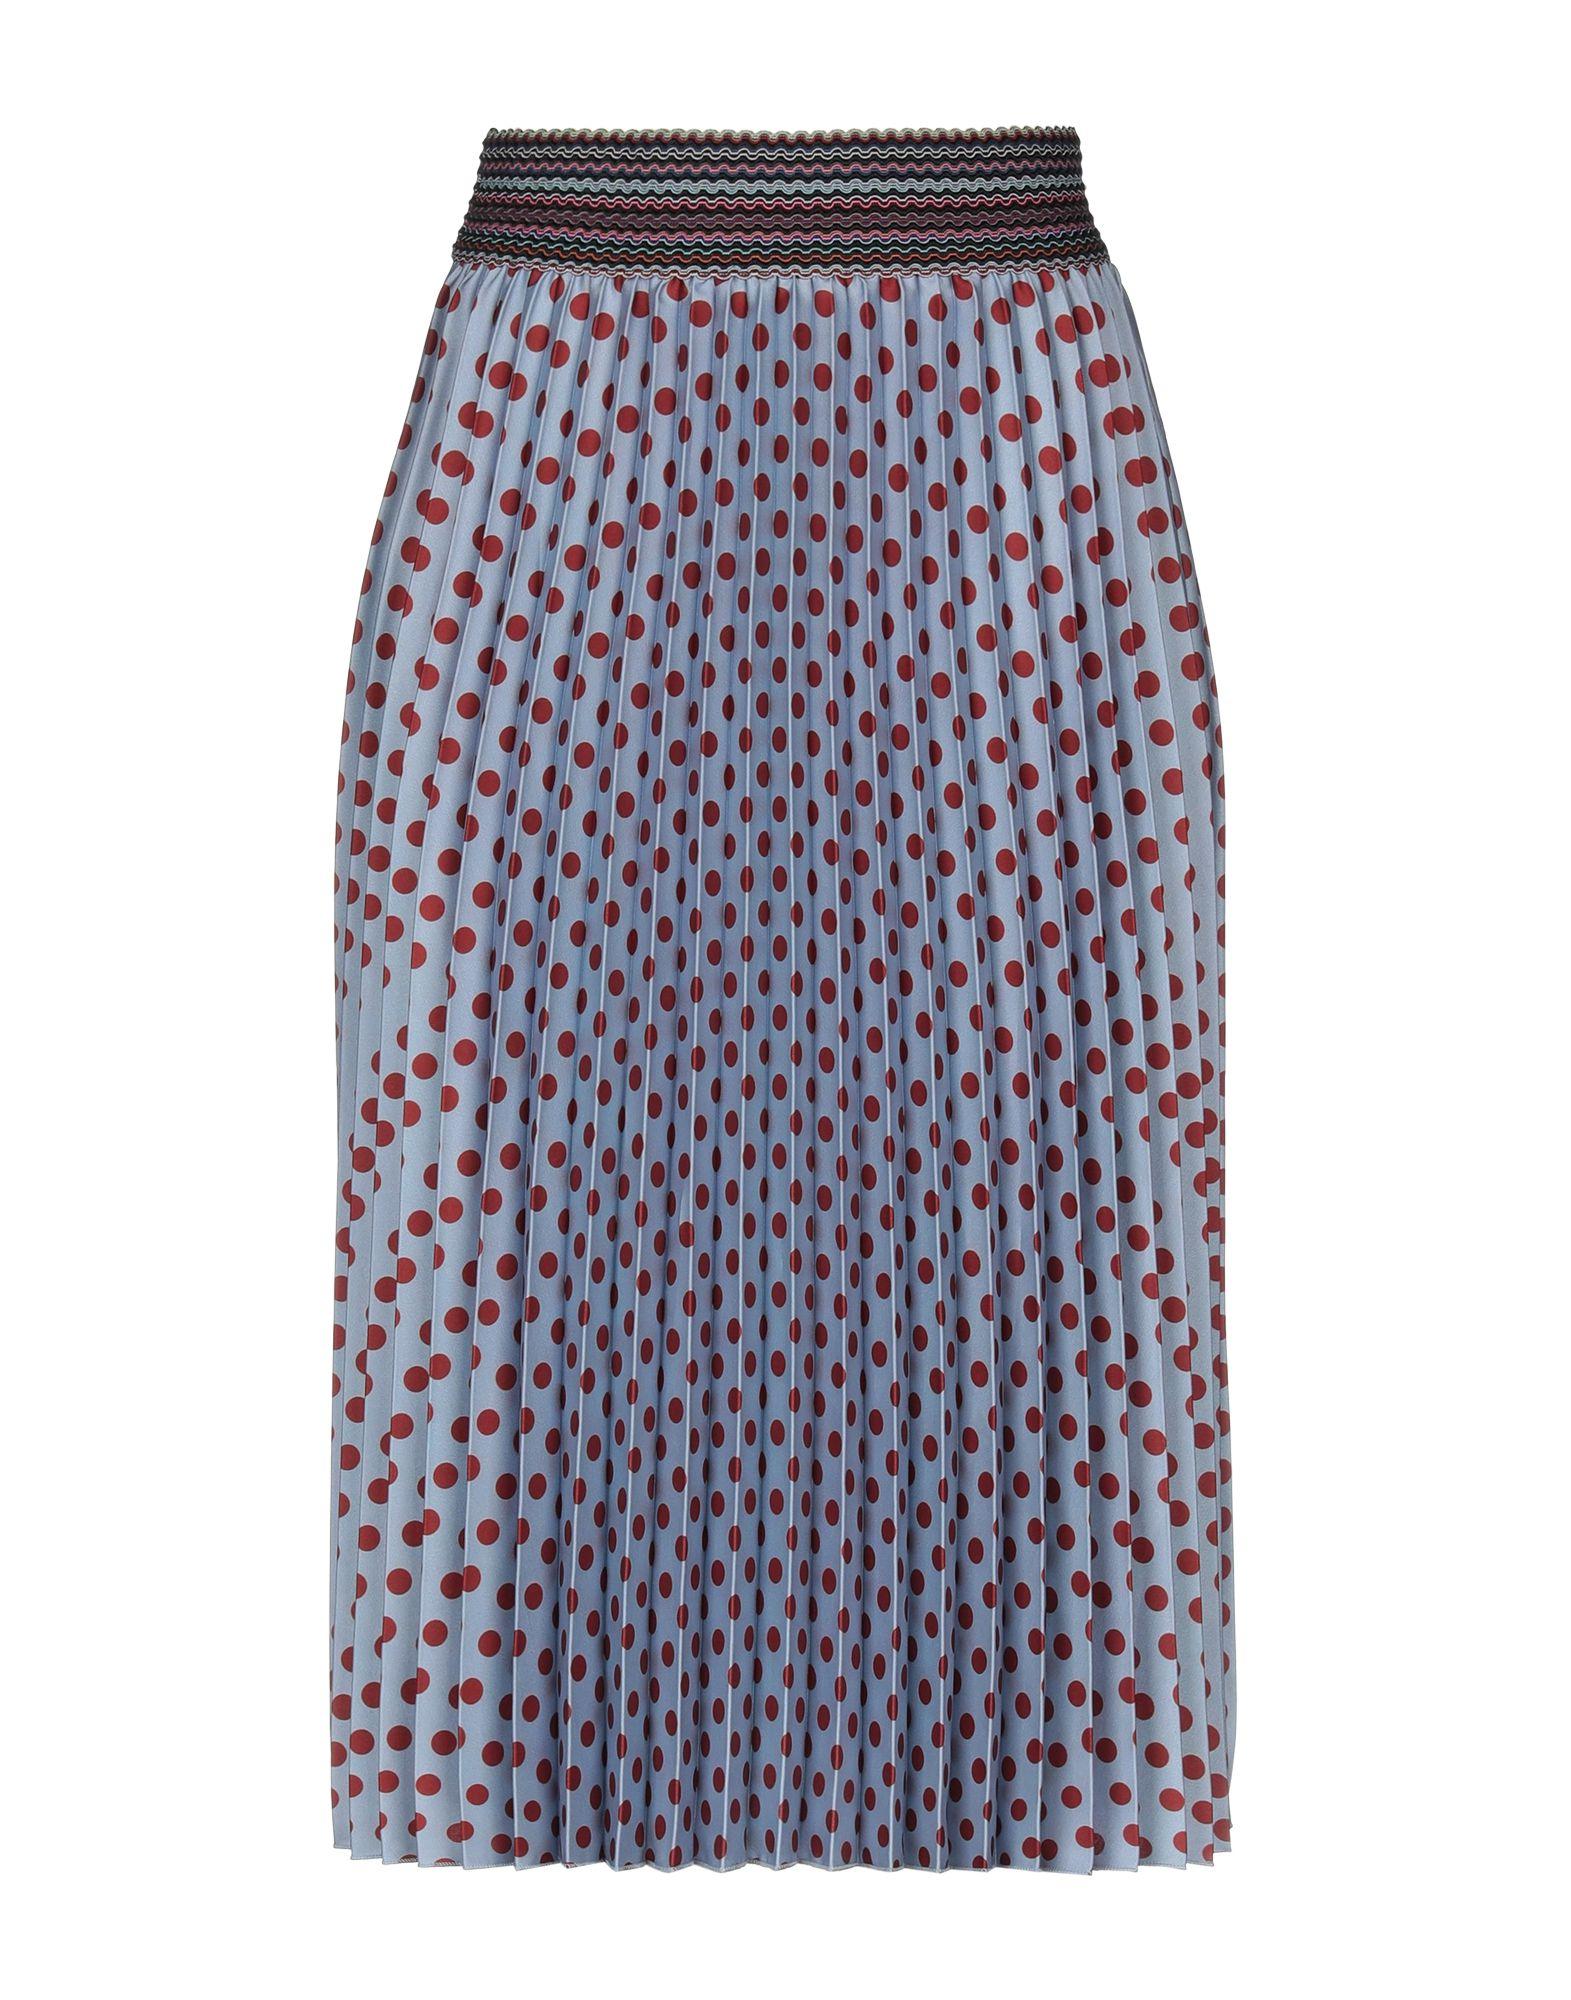 《送料無料》JE SUIS CHAPEAU レディース 7分丈スカート ブルーグレー S コットン 100%